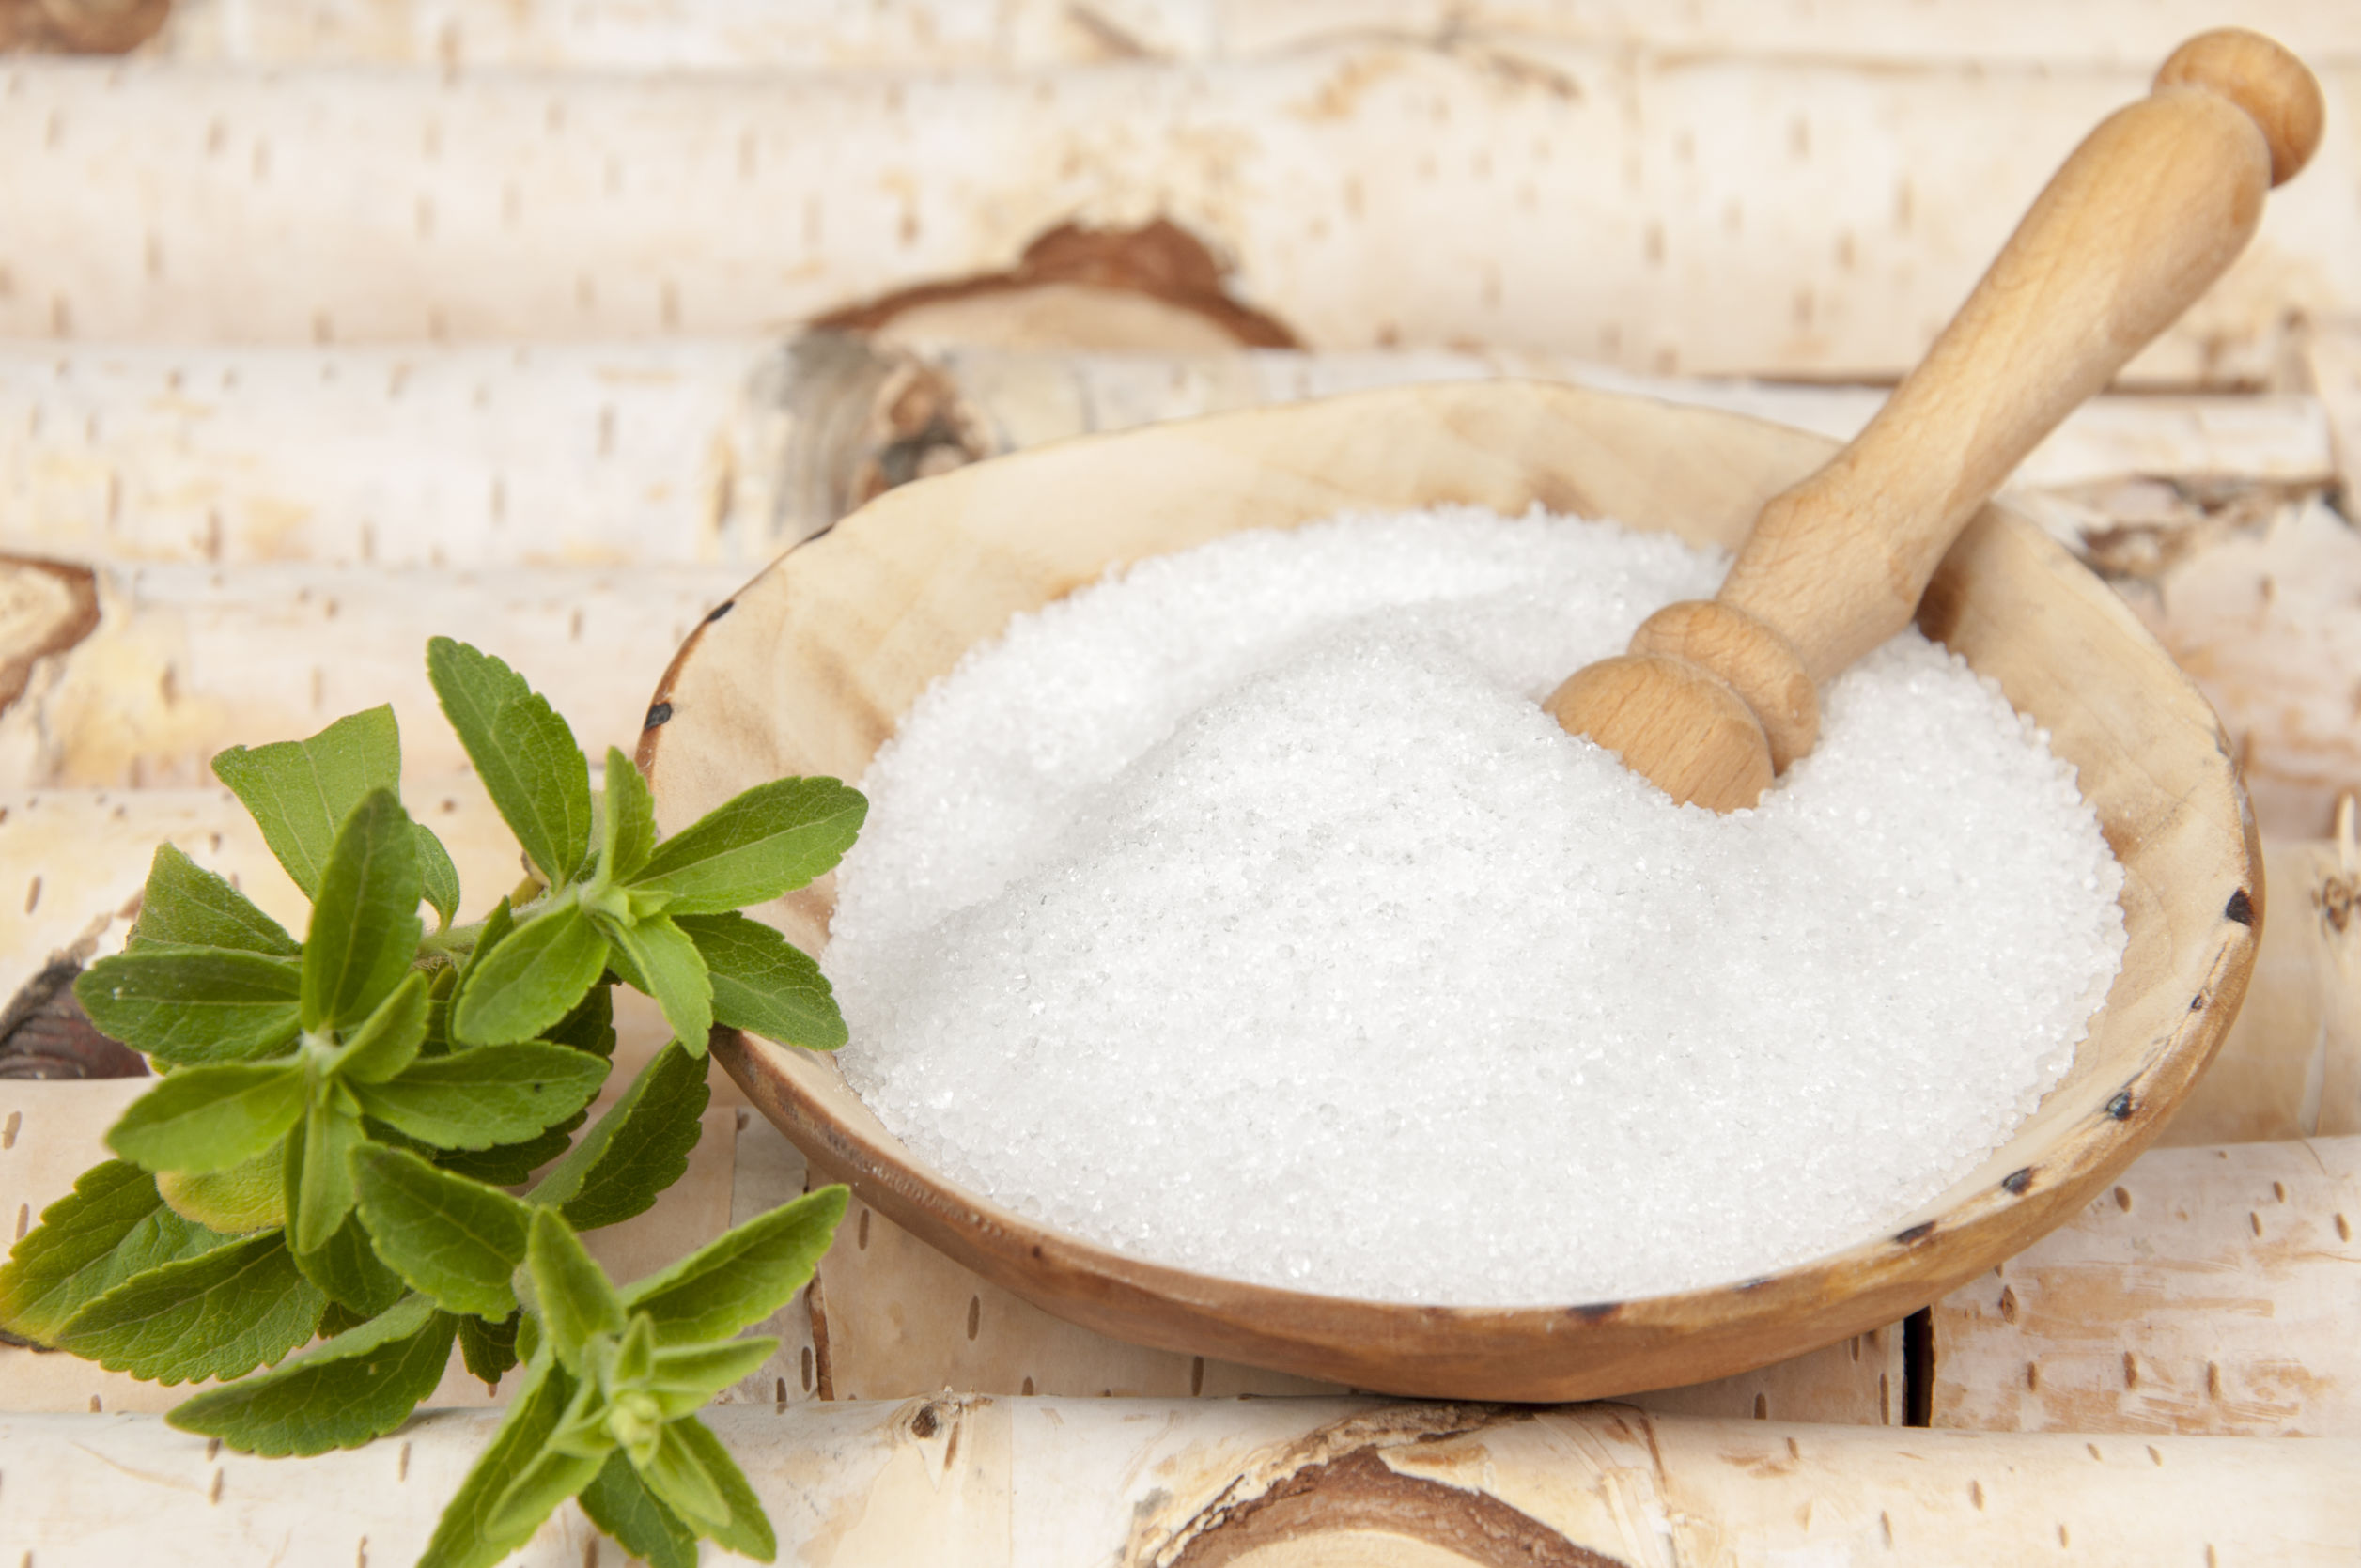 zuckerersatz-test